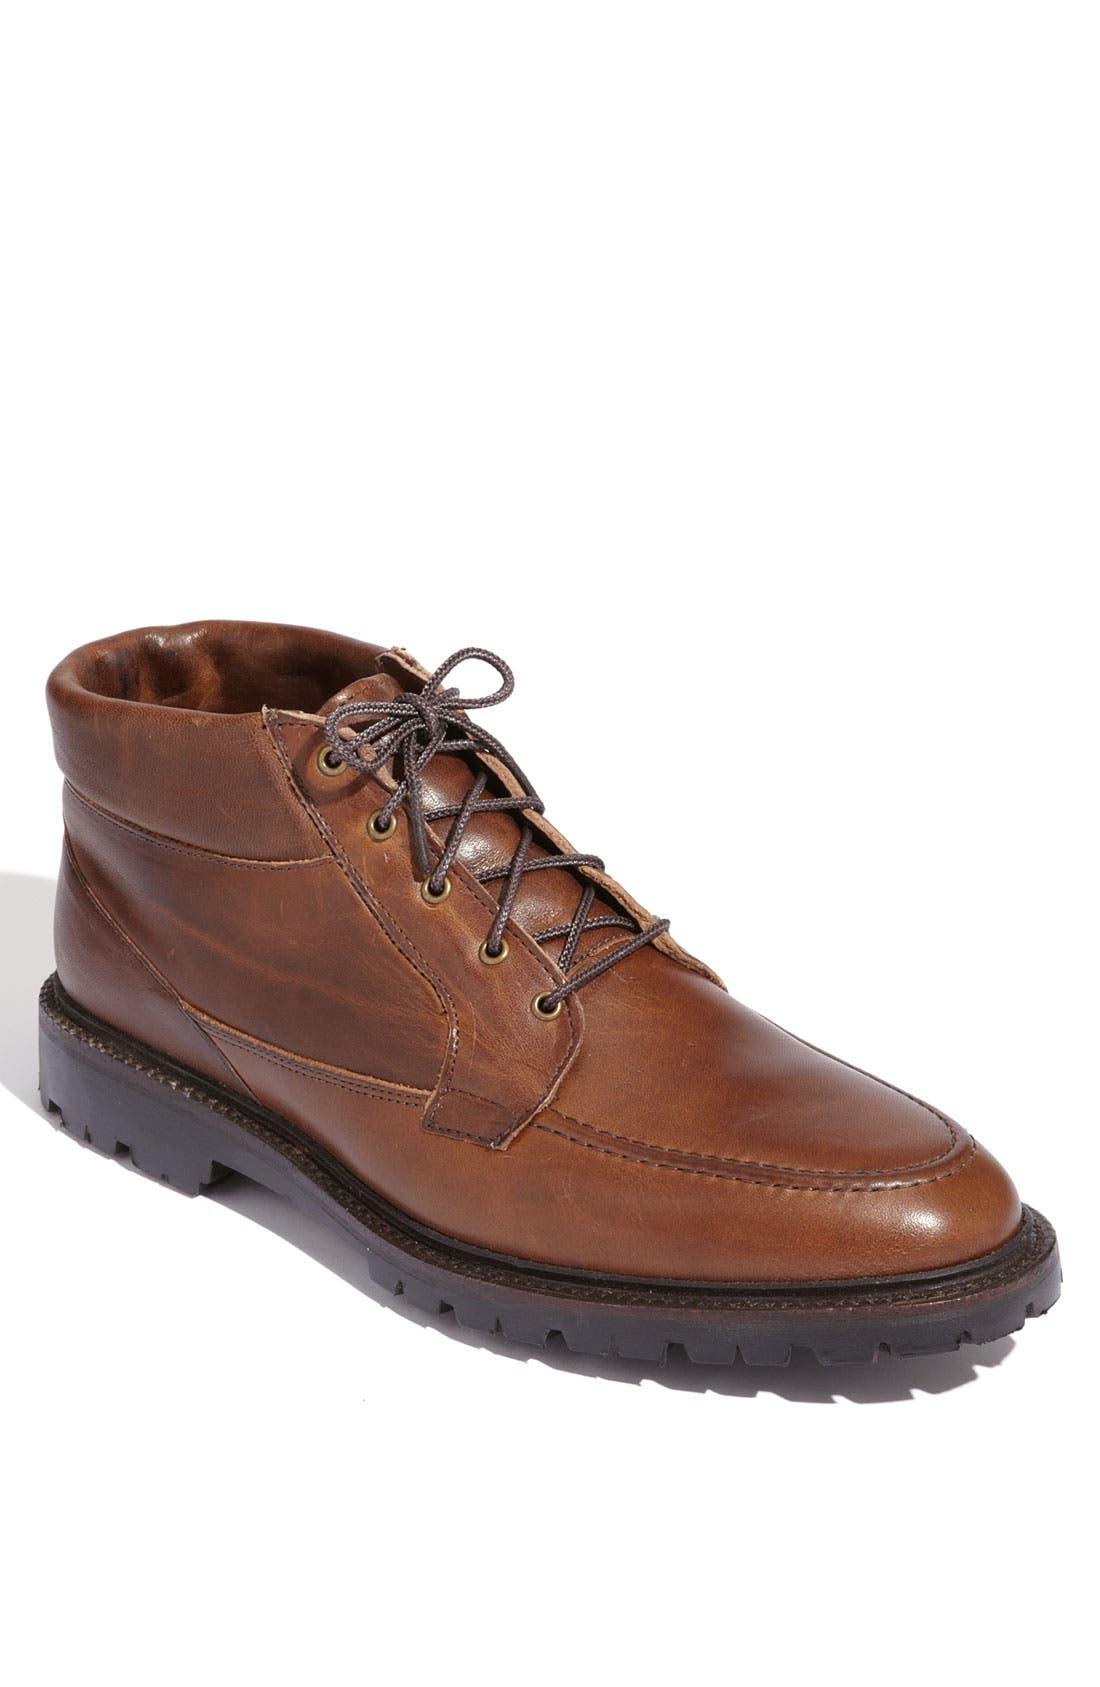 Main Image - Allen Edmonds 'Cascade' Boot